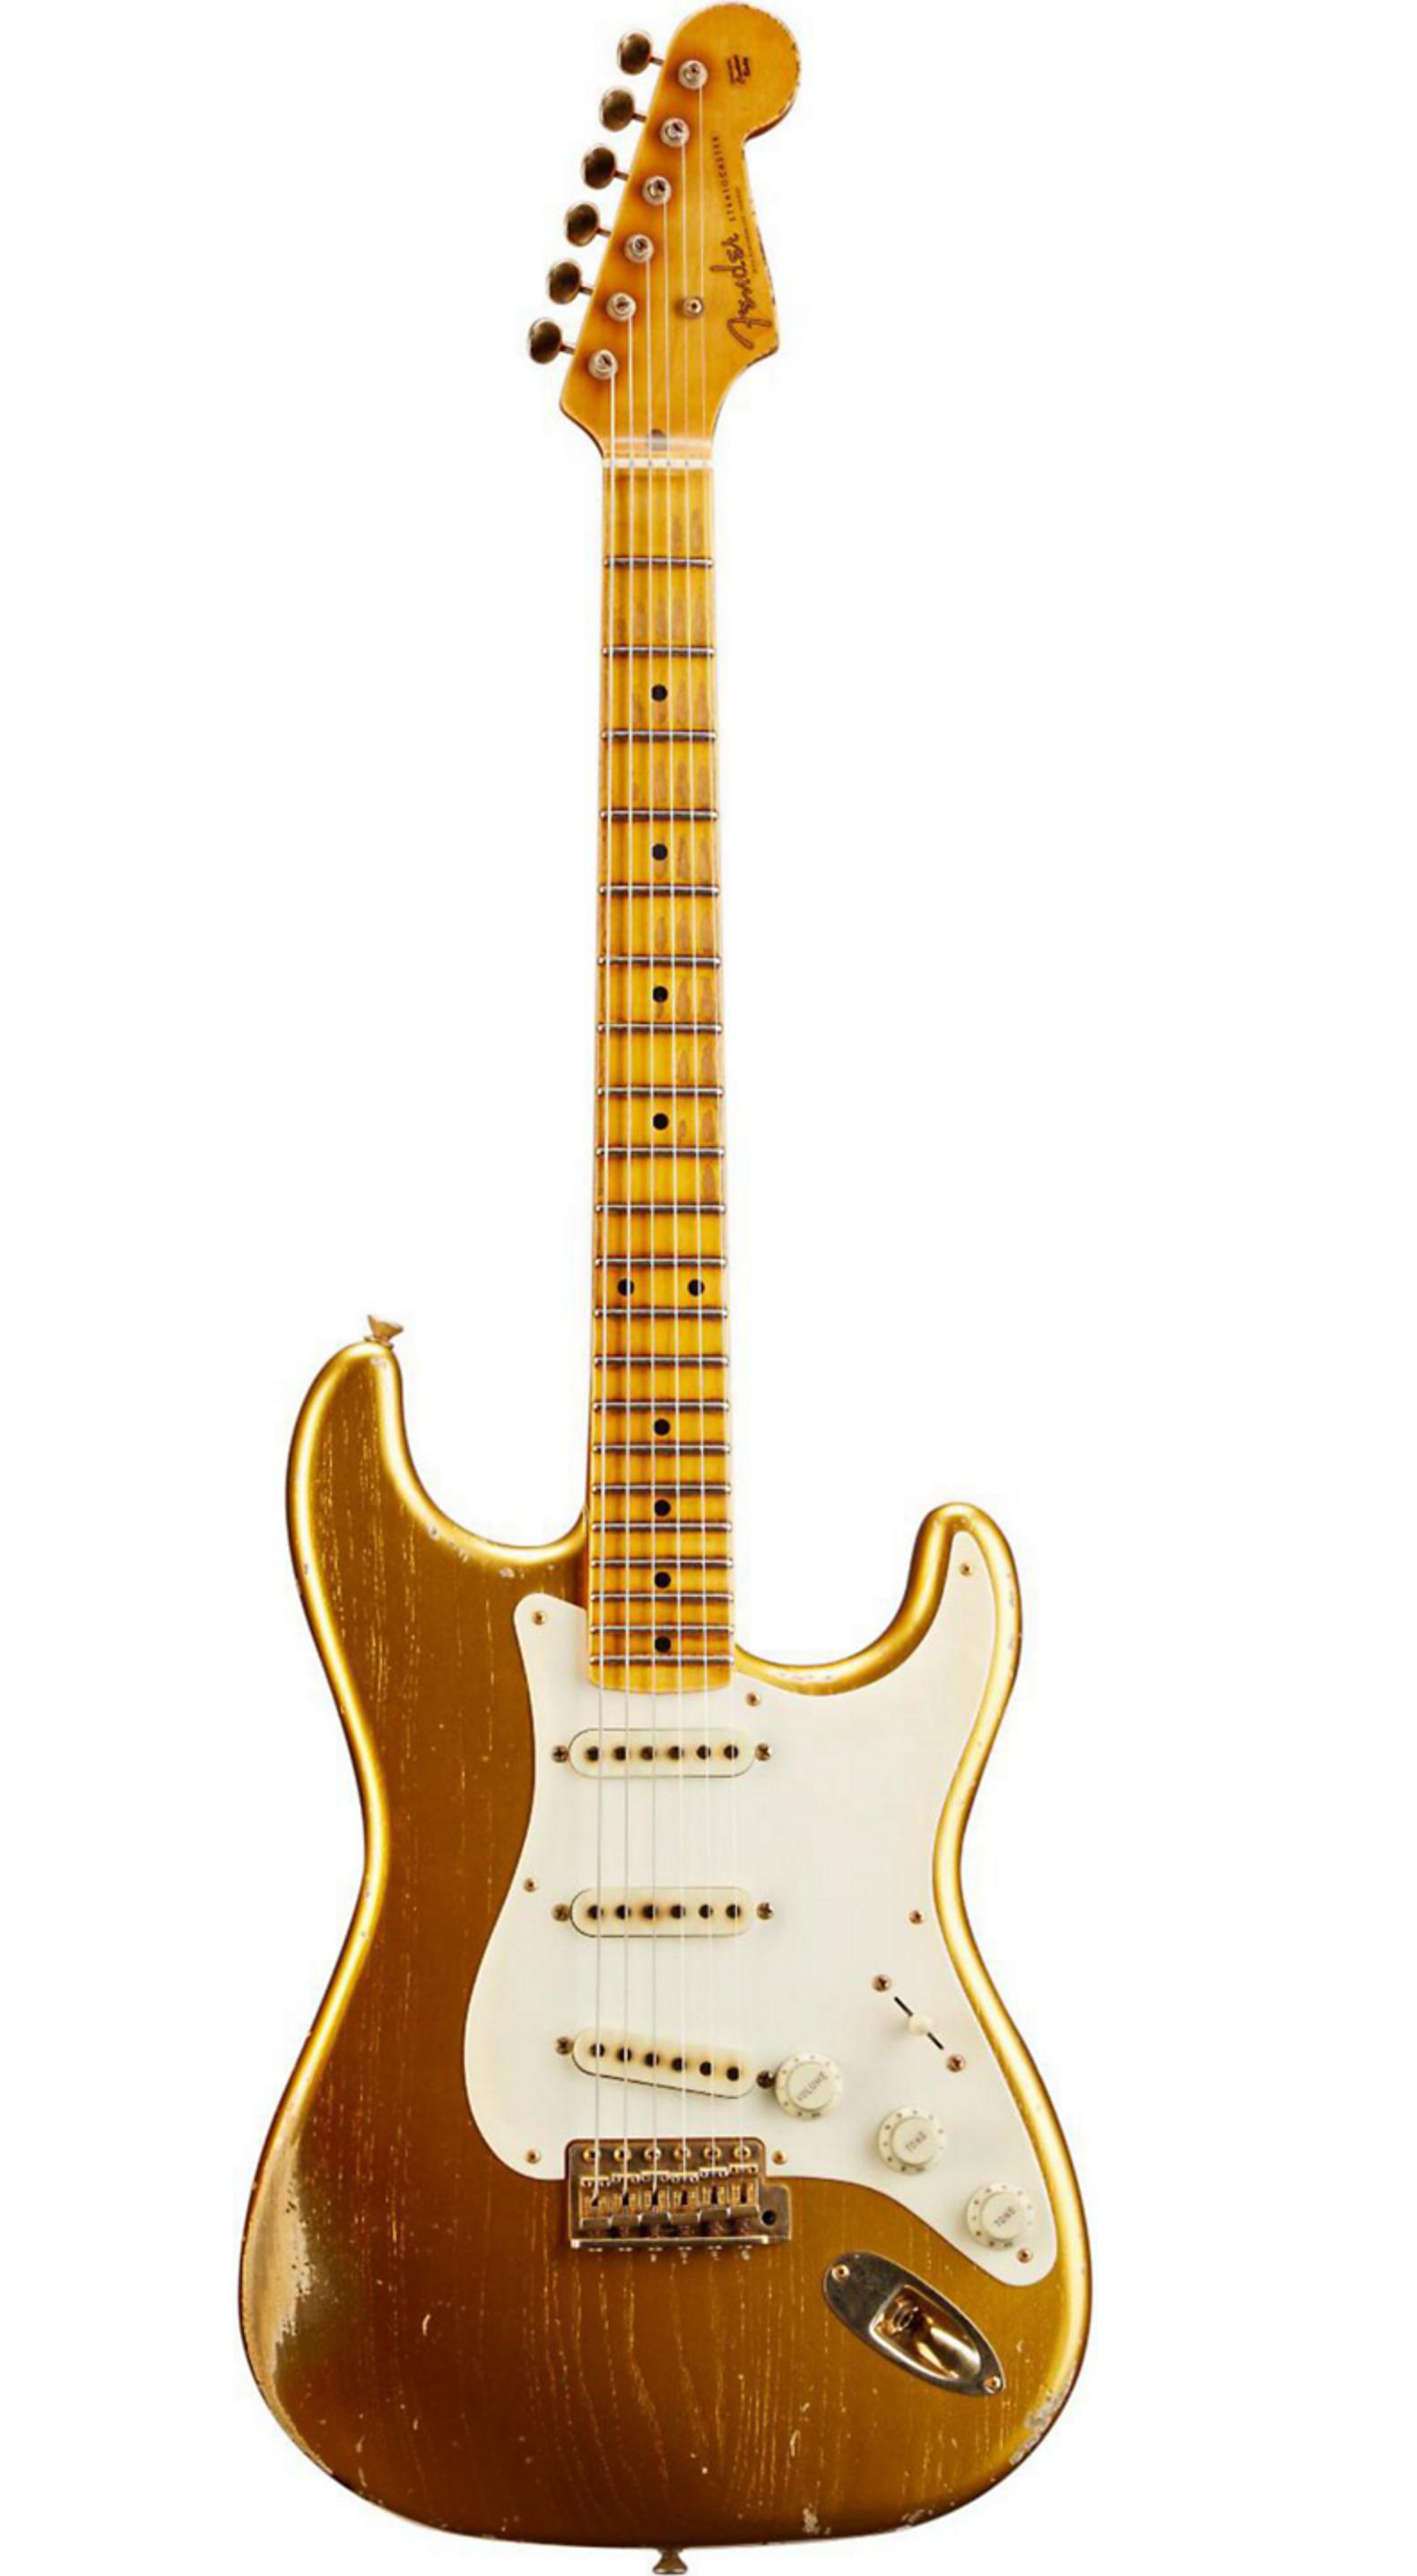 Fender Custom Shop Stratocaster Guitar Fender Custom Shop Fender Guitars